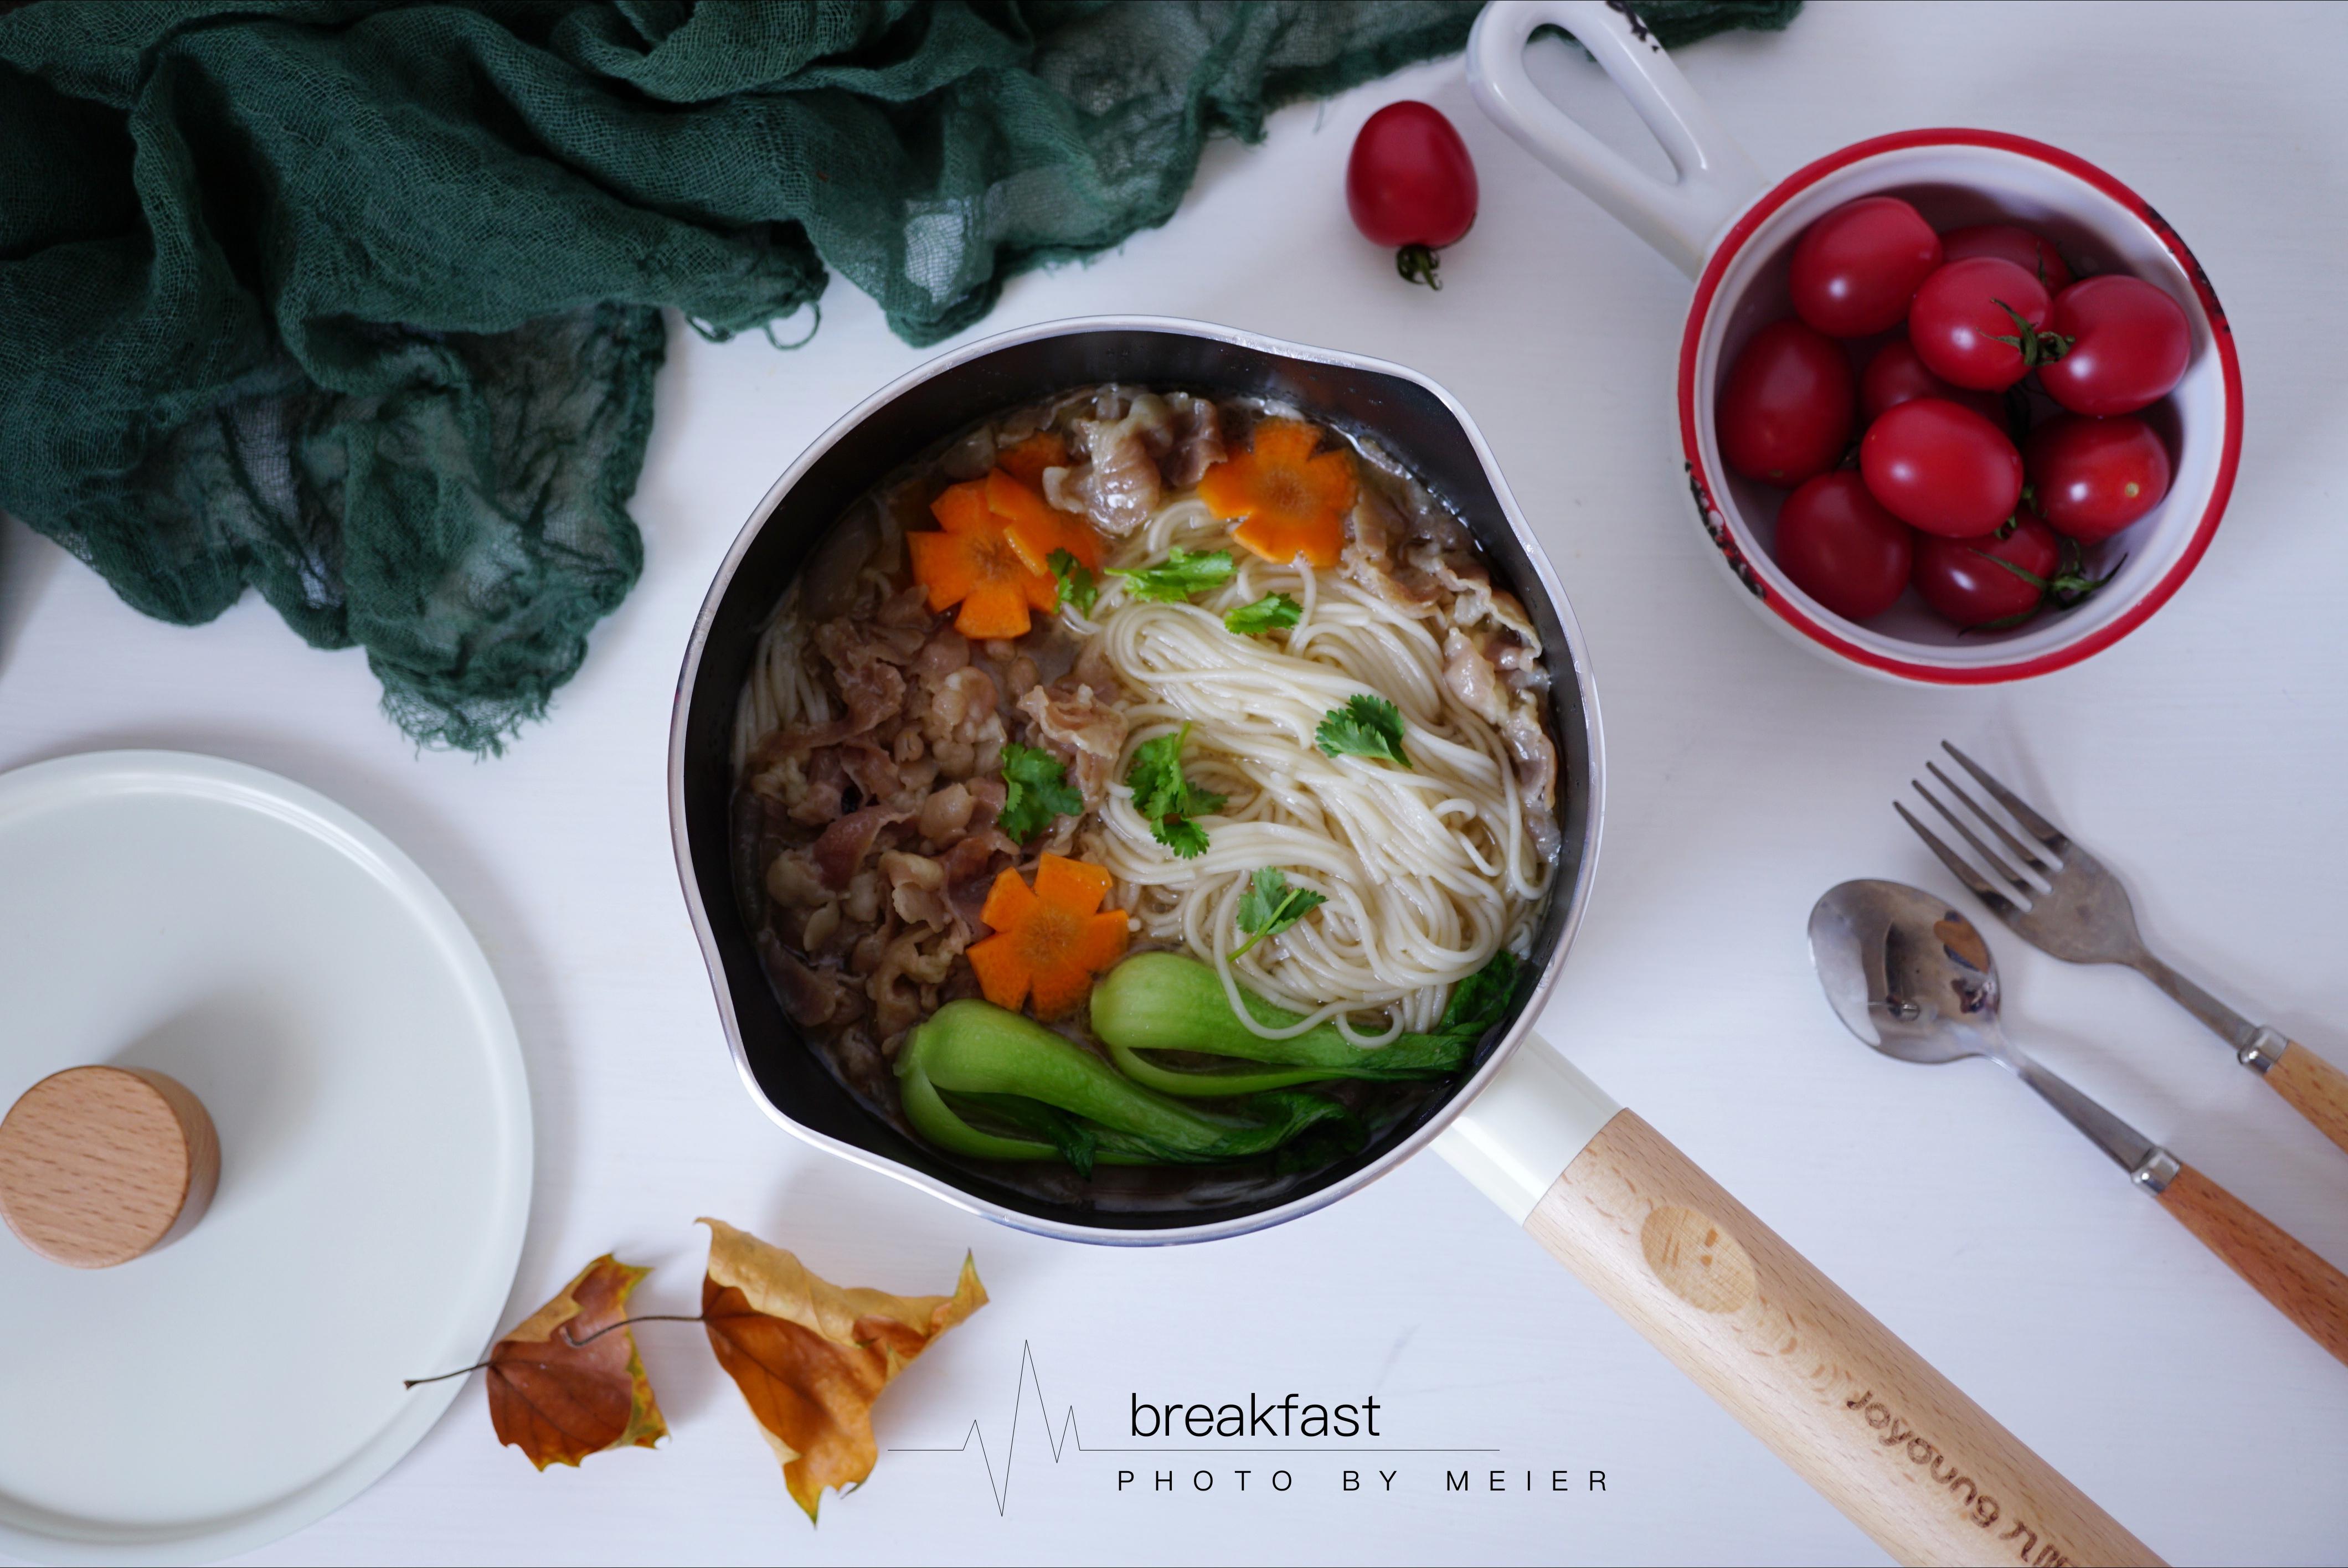 制作过程: 1,羊肉卷提前化冻,洋葱切小块,胡萝卜切薄片后再切花刀